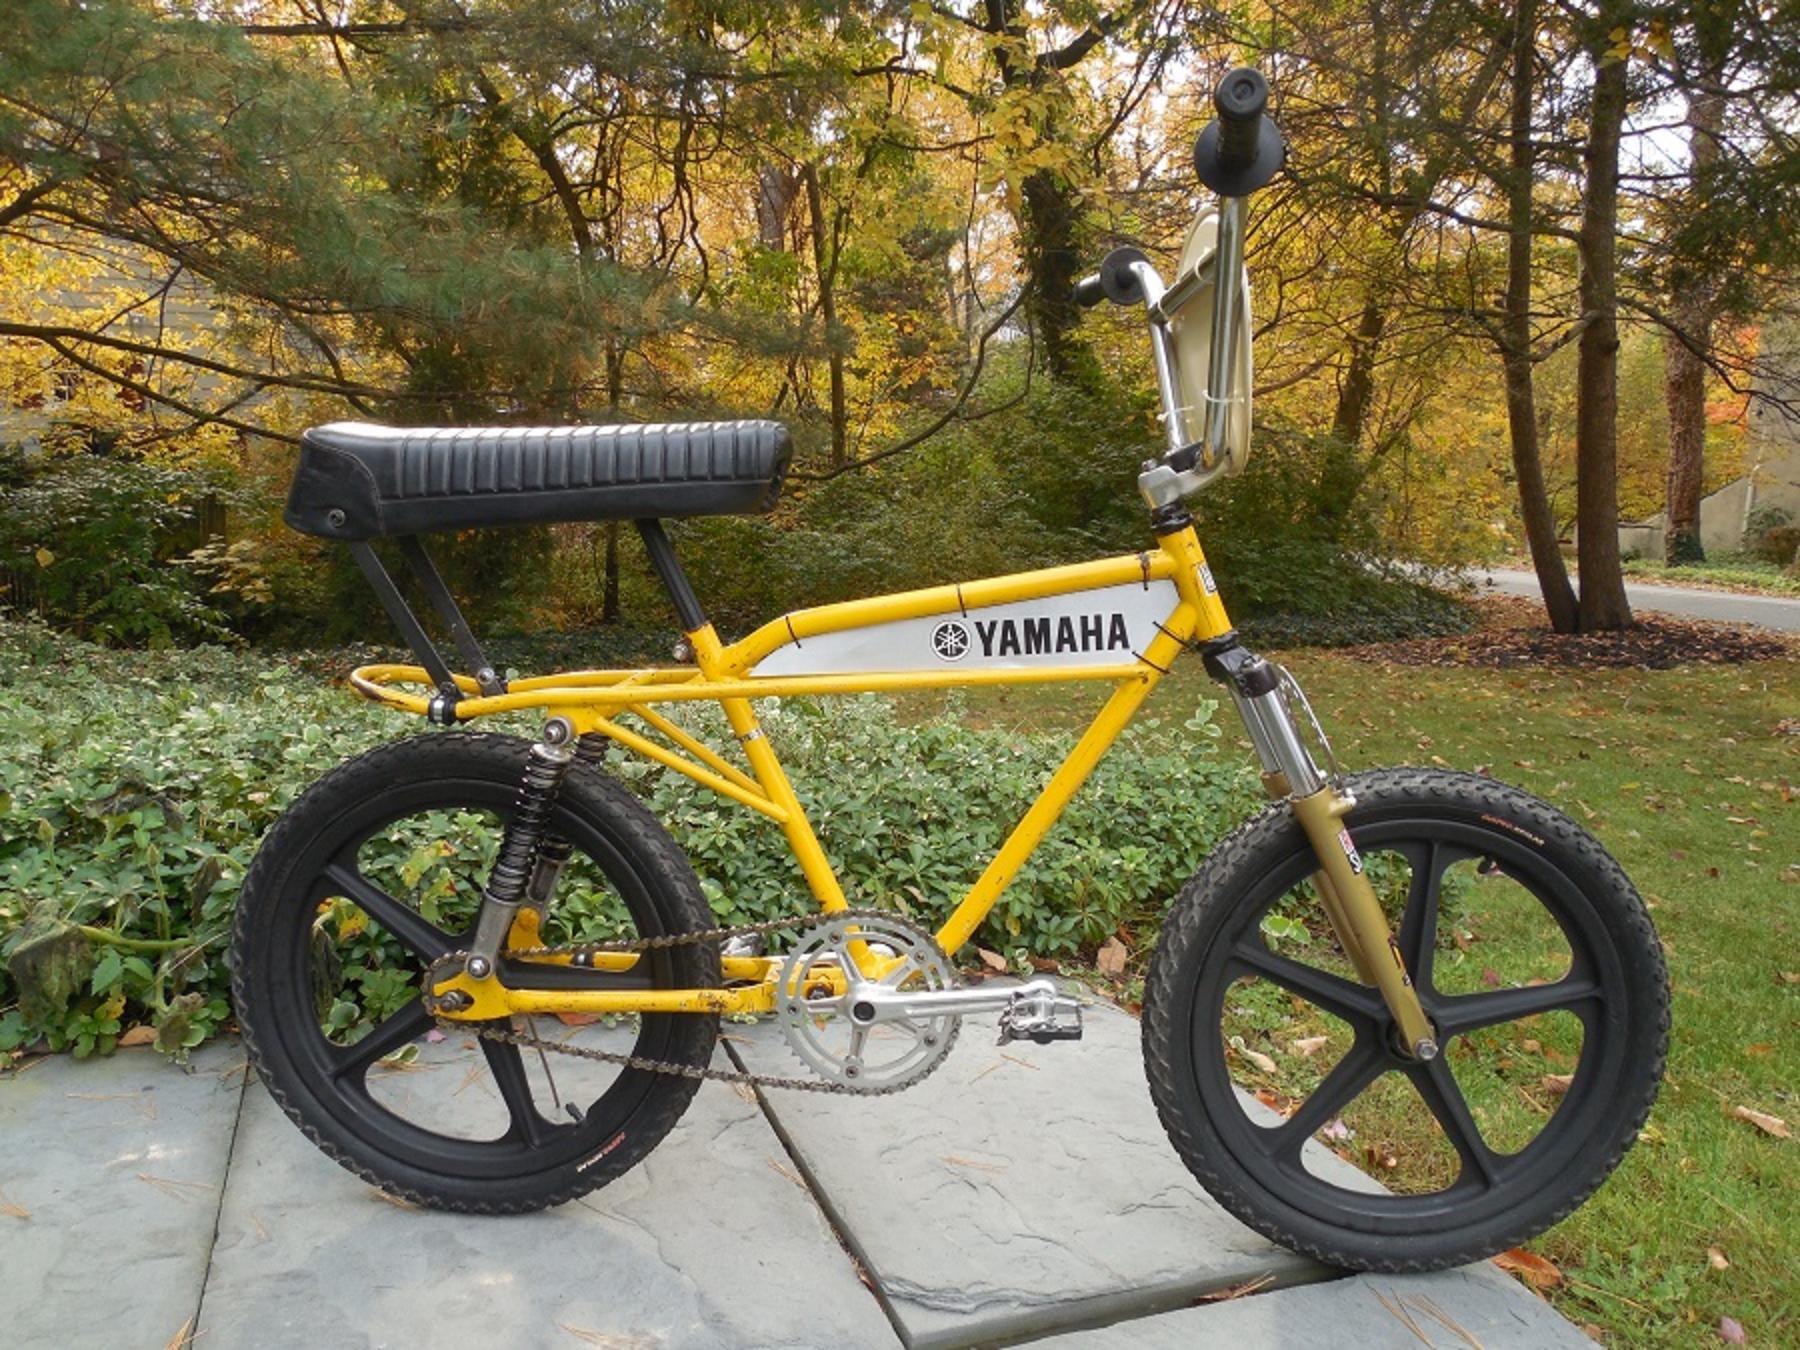 Yamaha Bicycle For Sale